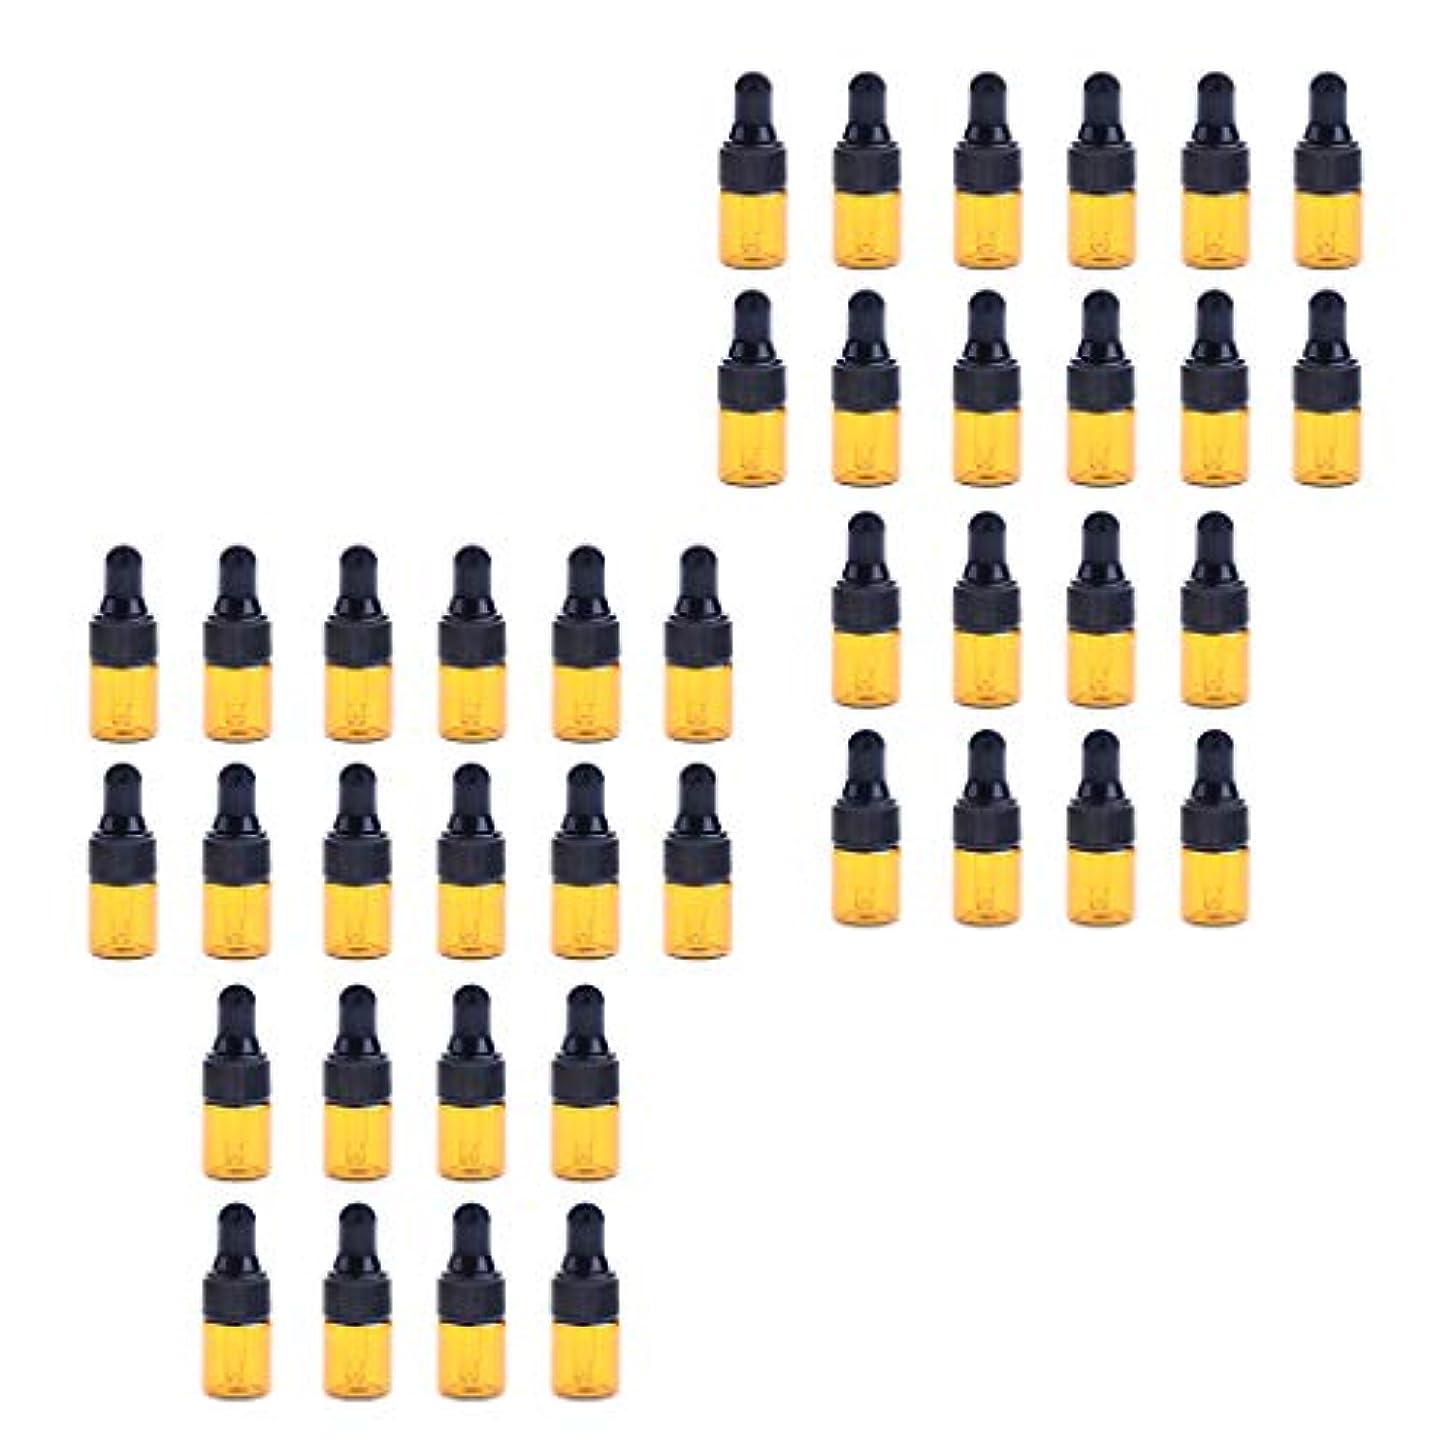 バインドすべてつかの間ドロッパーボトル ガラス瓶 エッセンシャルオイル 精油 保存容器 詰め替え 小型 1ml /2ml 40個入